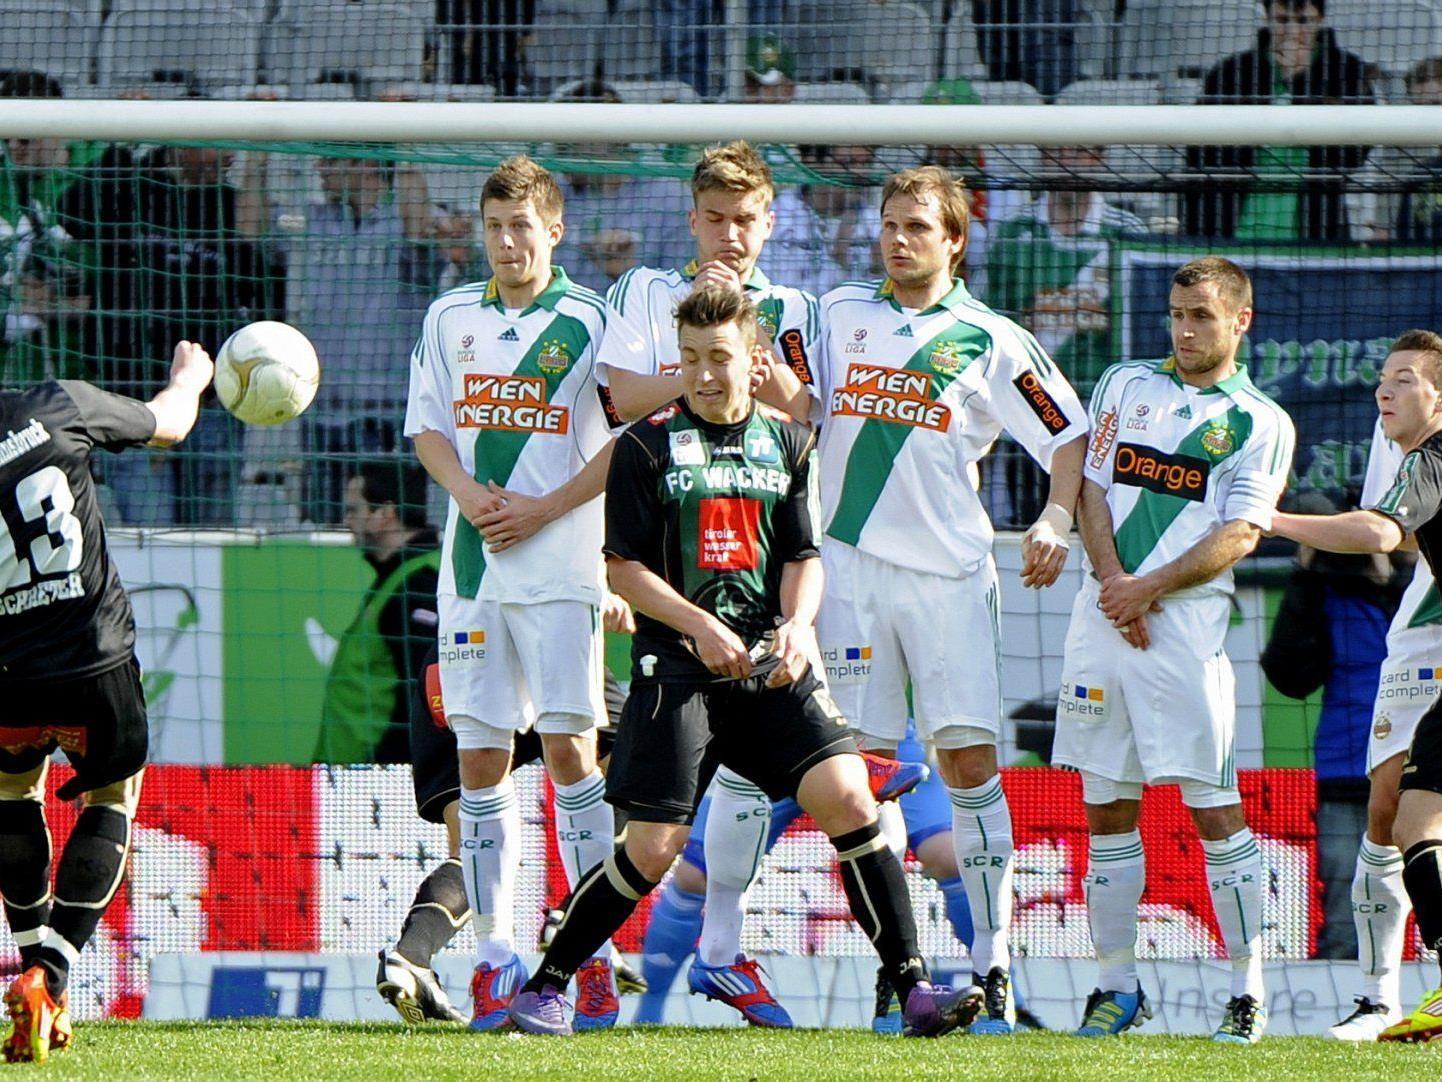 Rapid und Wacker Innsbruck treffen beim letzten Meisterschaftsspiel aufeinander. Wir berichten live.